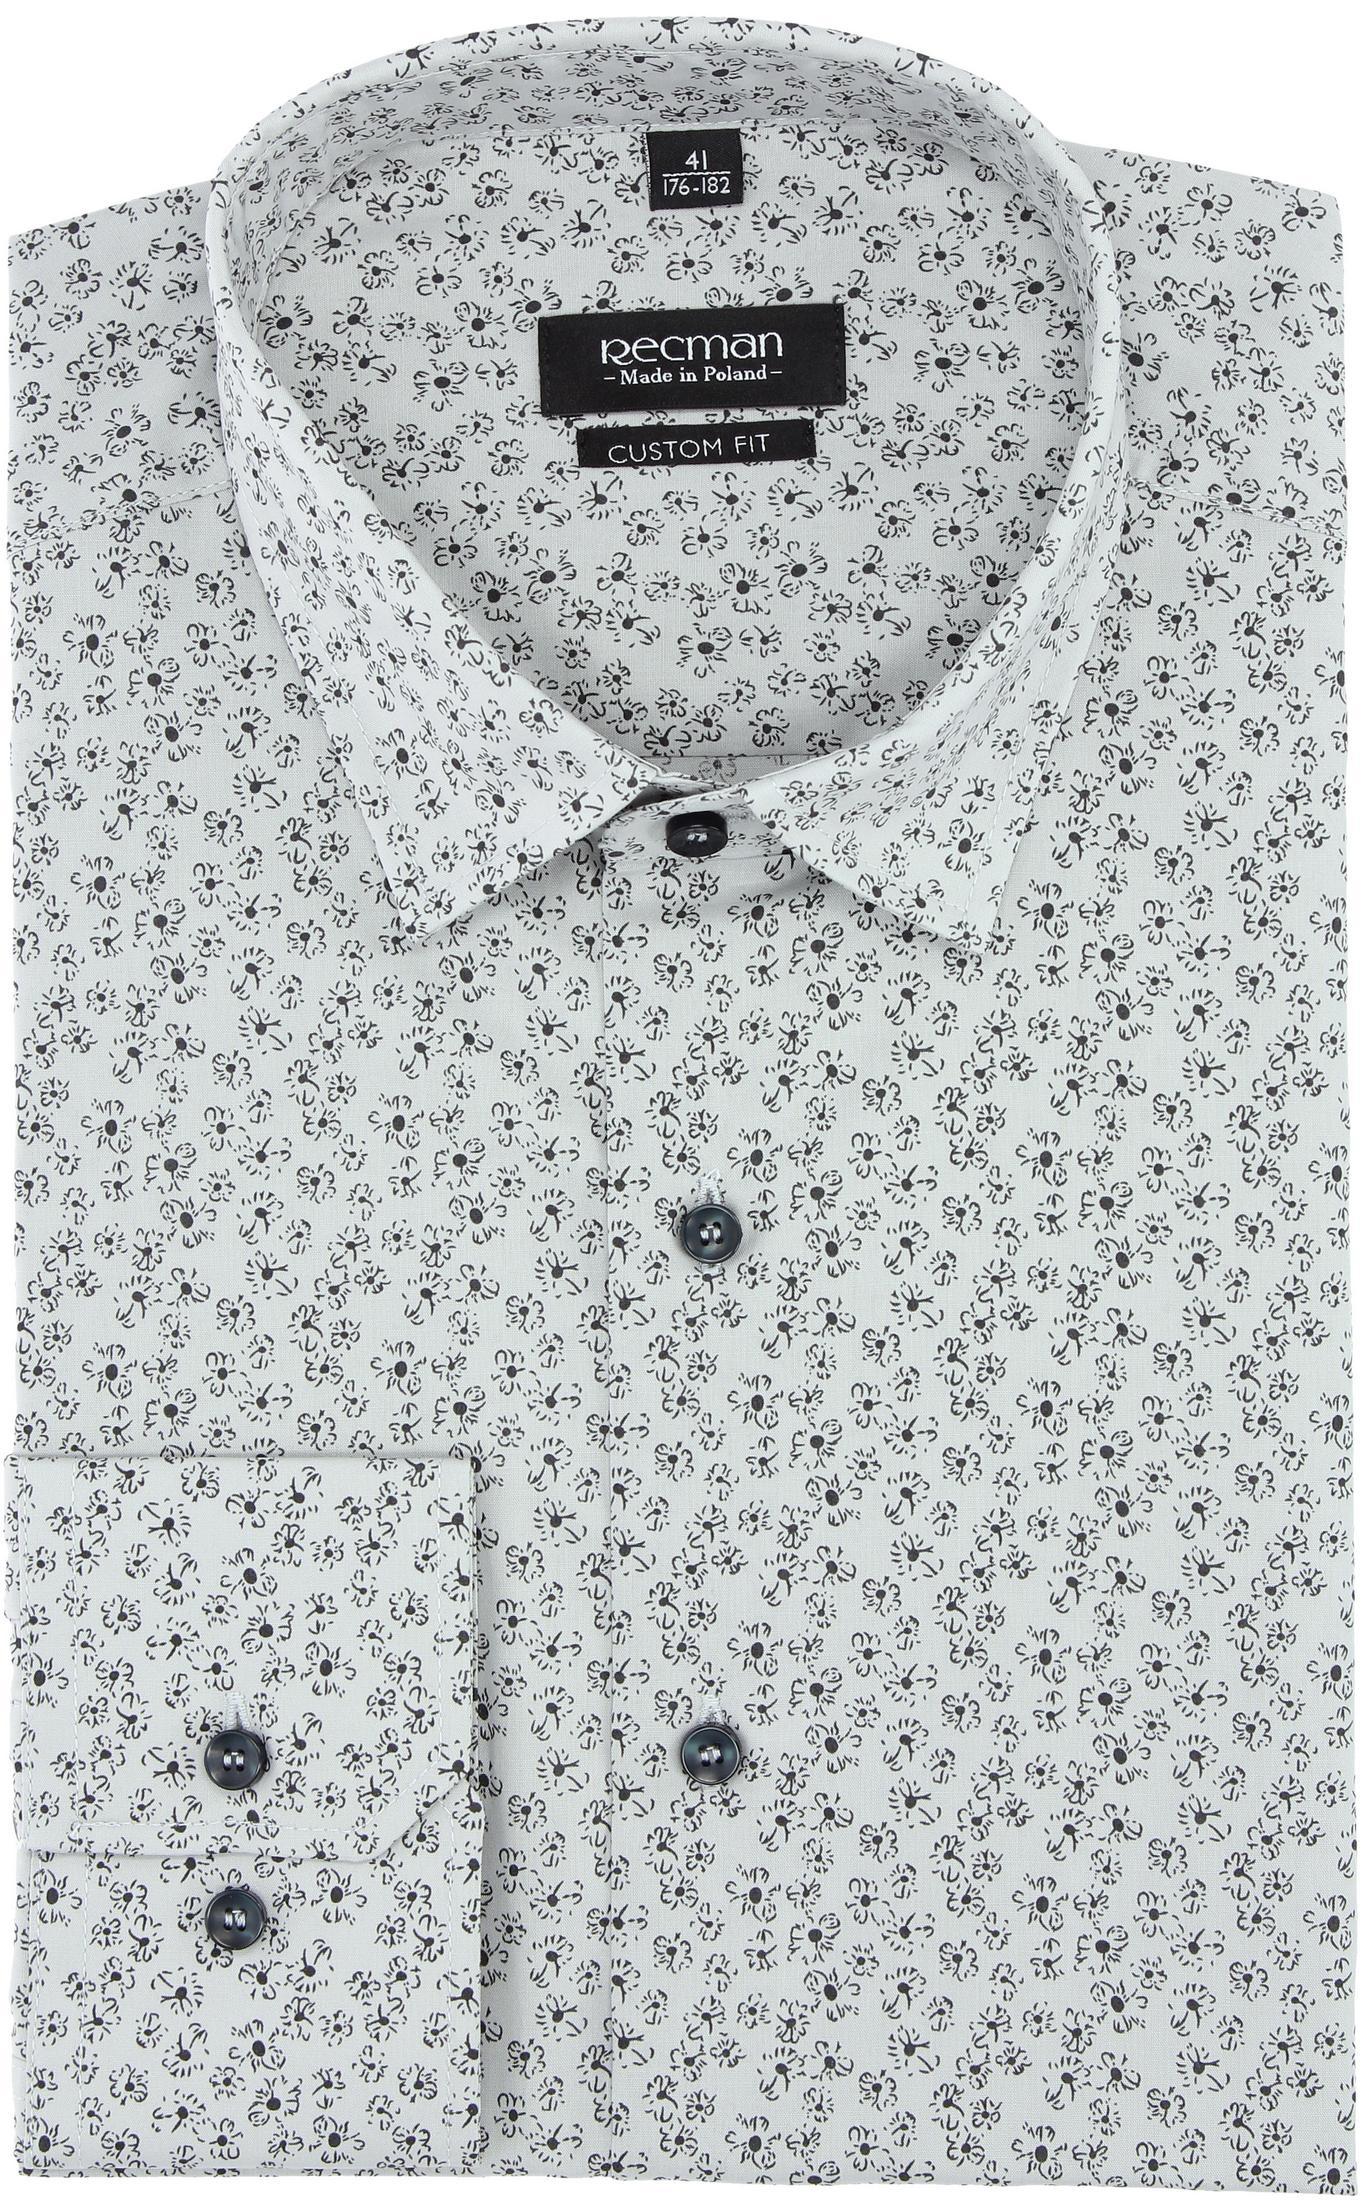 koszula versone 2831 długi rękaw custom fit szary